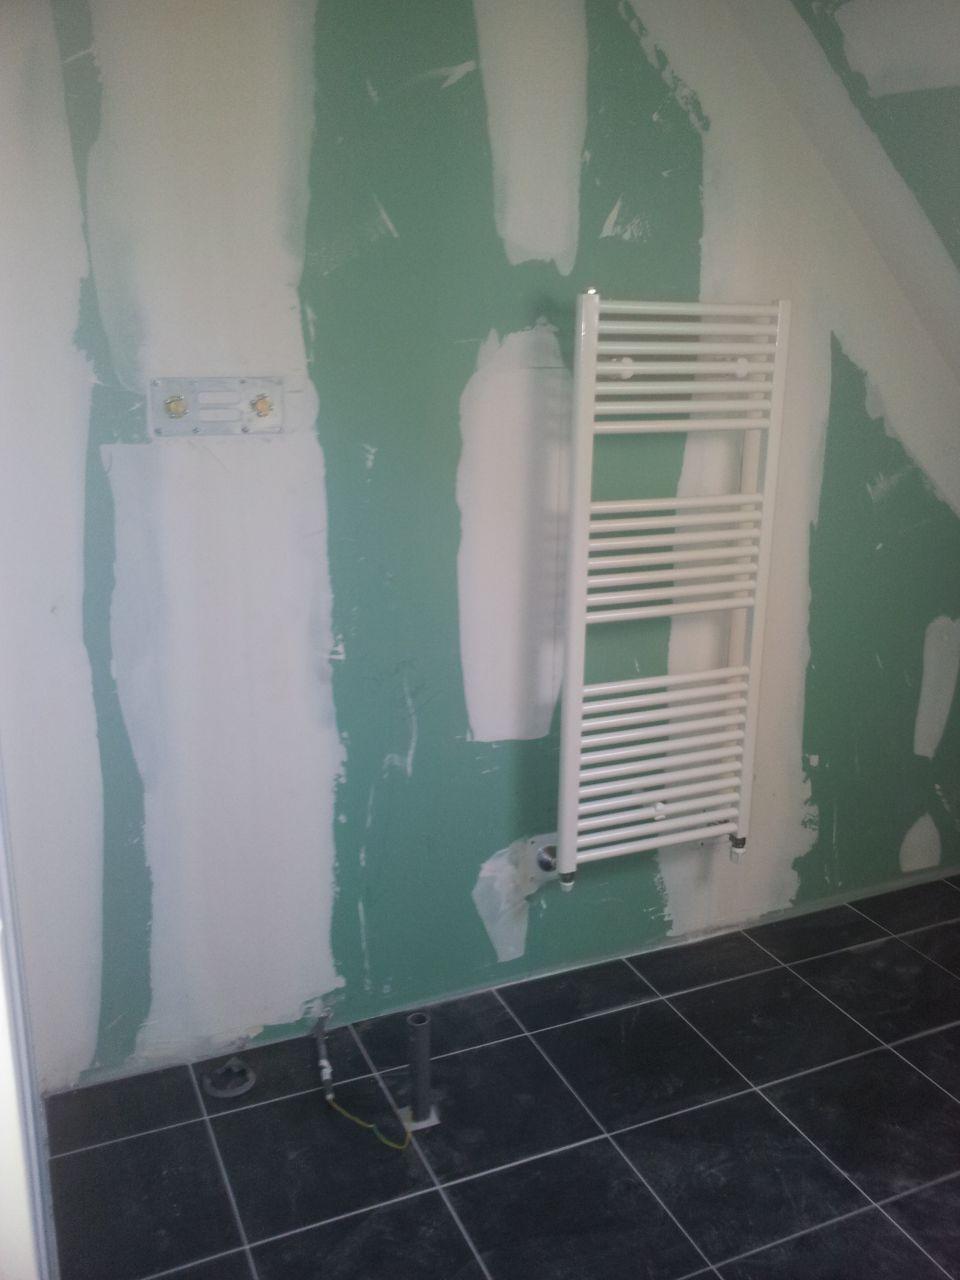 R alisation de l 39 enduit ext rieur prb015 ton pierre chauffage au sol et chape lisse le cdt - Une araignee dans la salle de bain ...